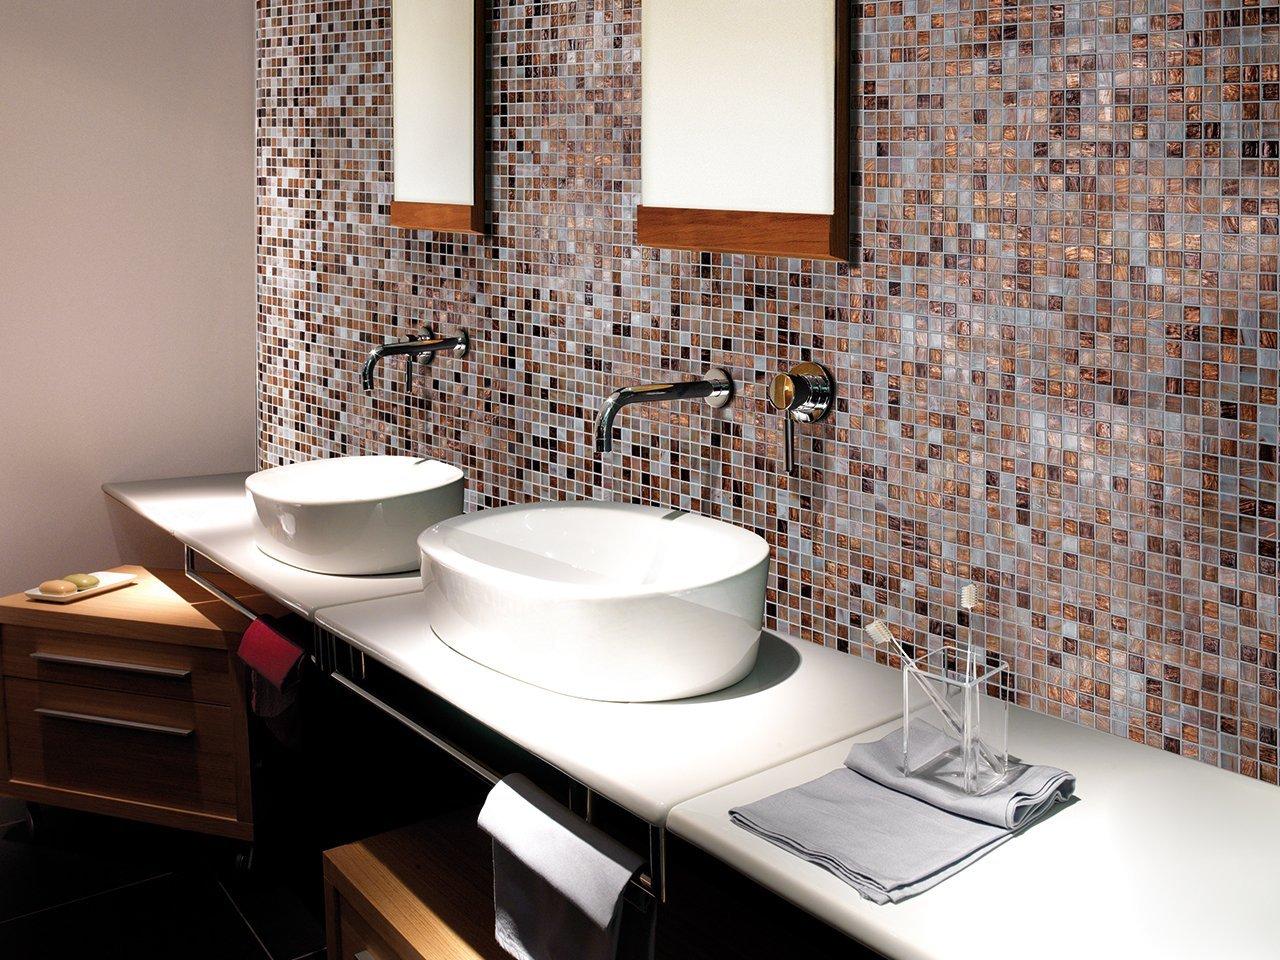 Iperceramica soluzioni di arredo bagno pavimenti e rivestimenti designandmore arredare casa - Arredo bagno mosaico ...